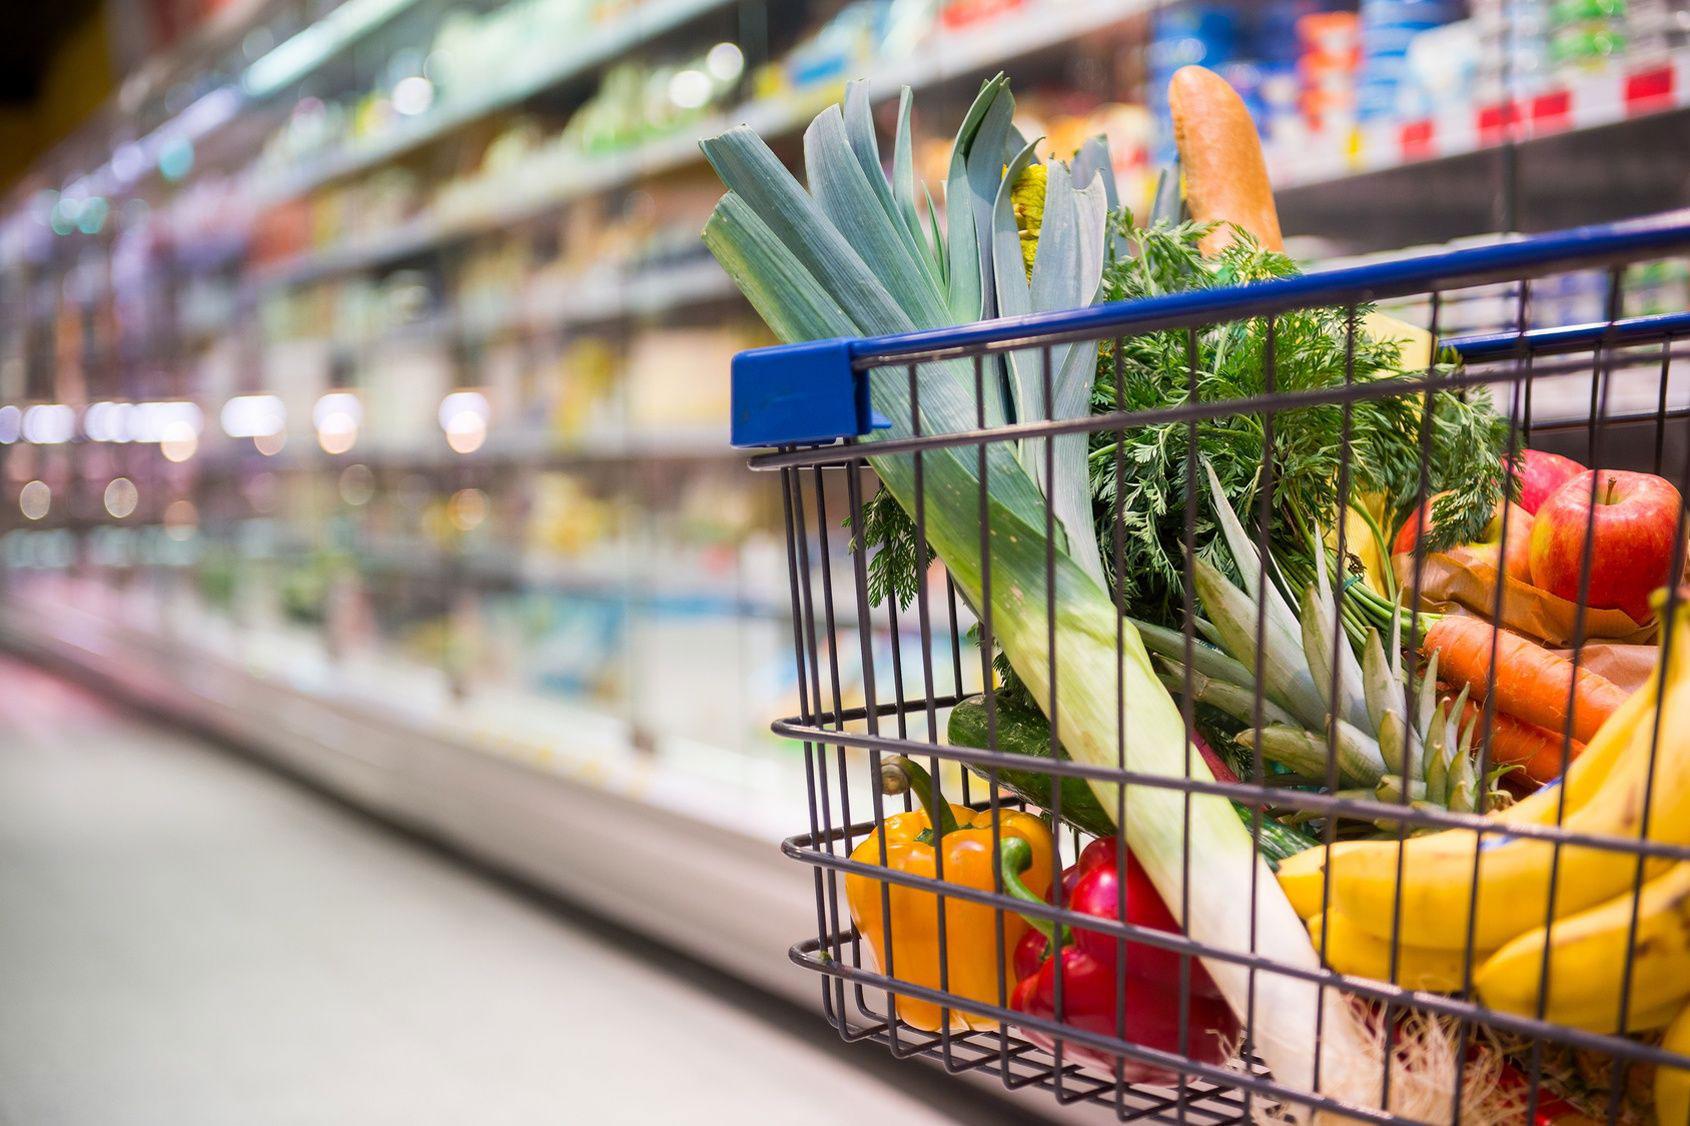 Cursos Distribución Alimentaria - Afronta Consultoría y Formación